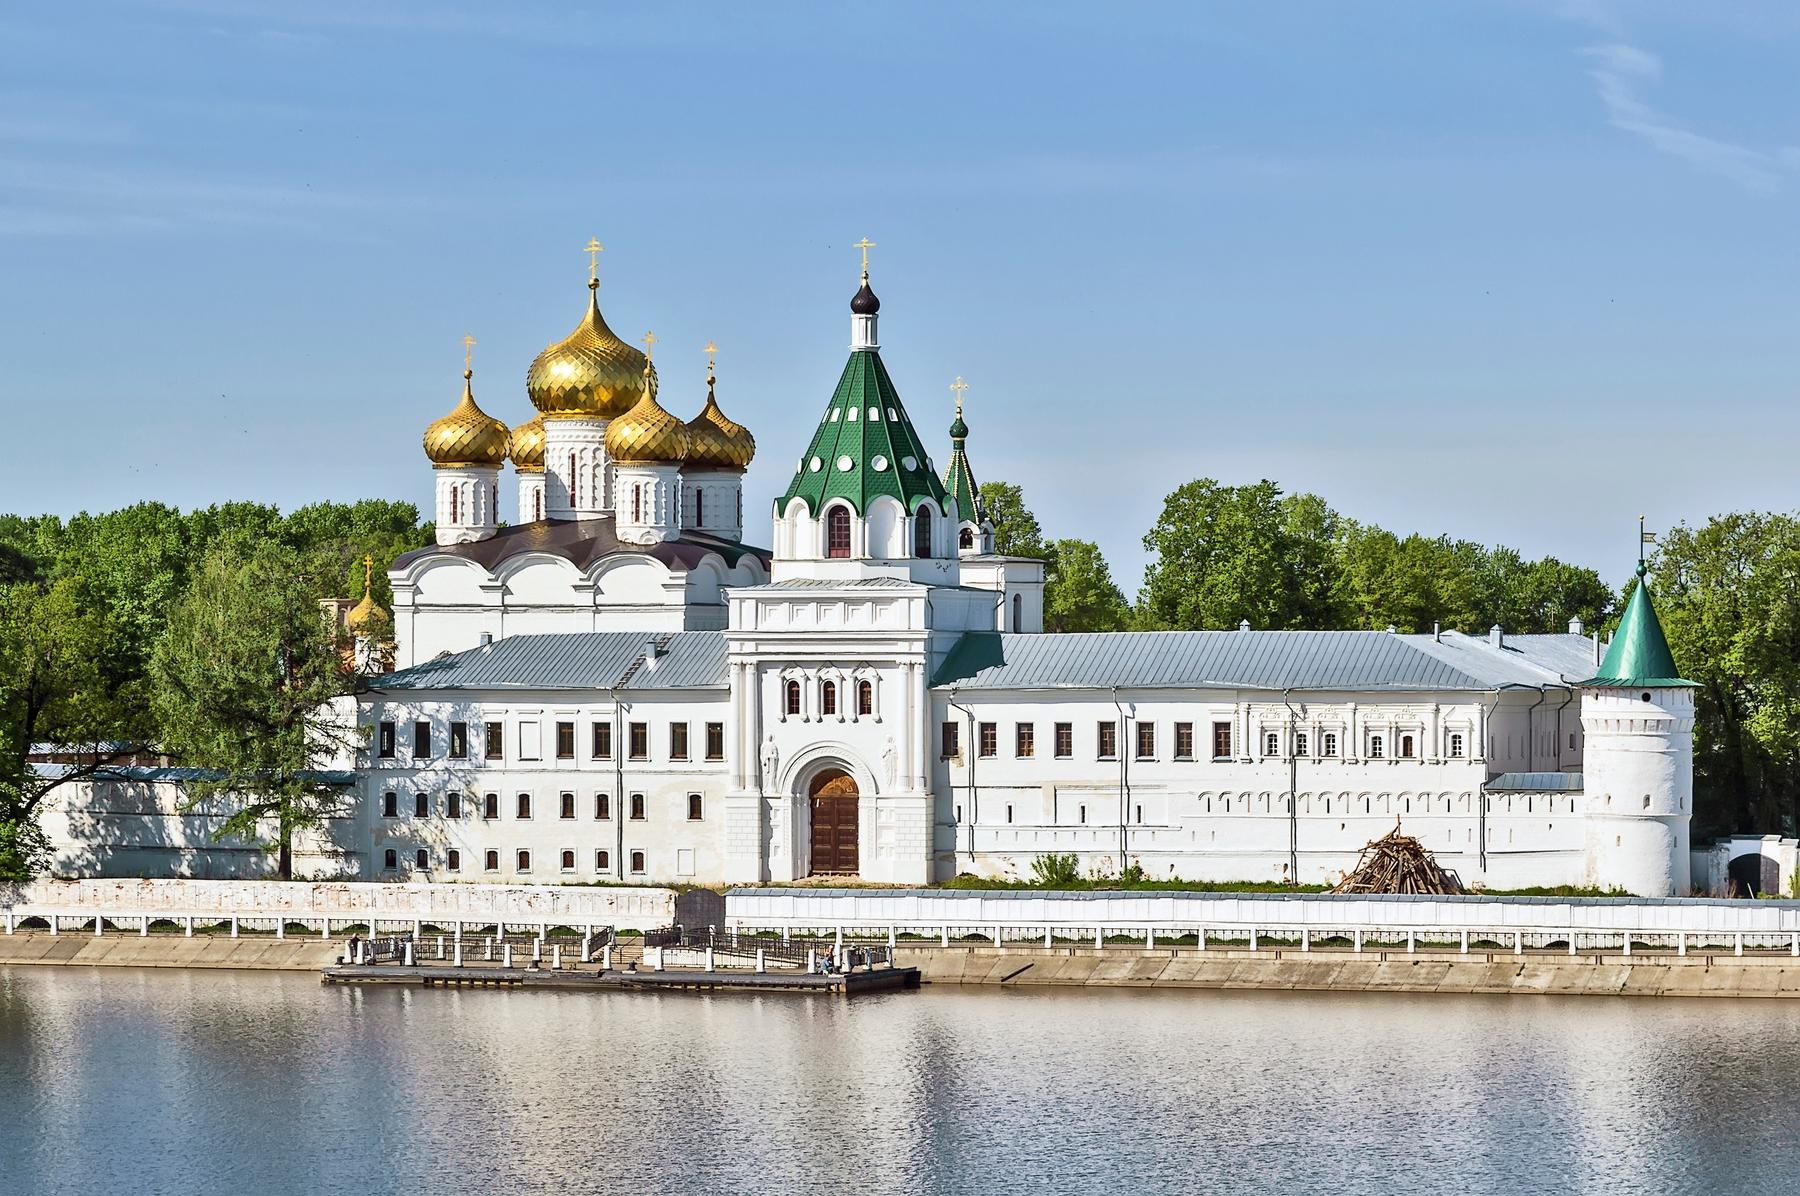 Ипатьевский монастырь в Костроме и другие достопримечательности Золотого кольца России